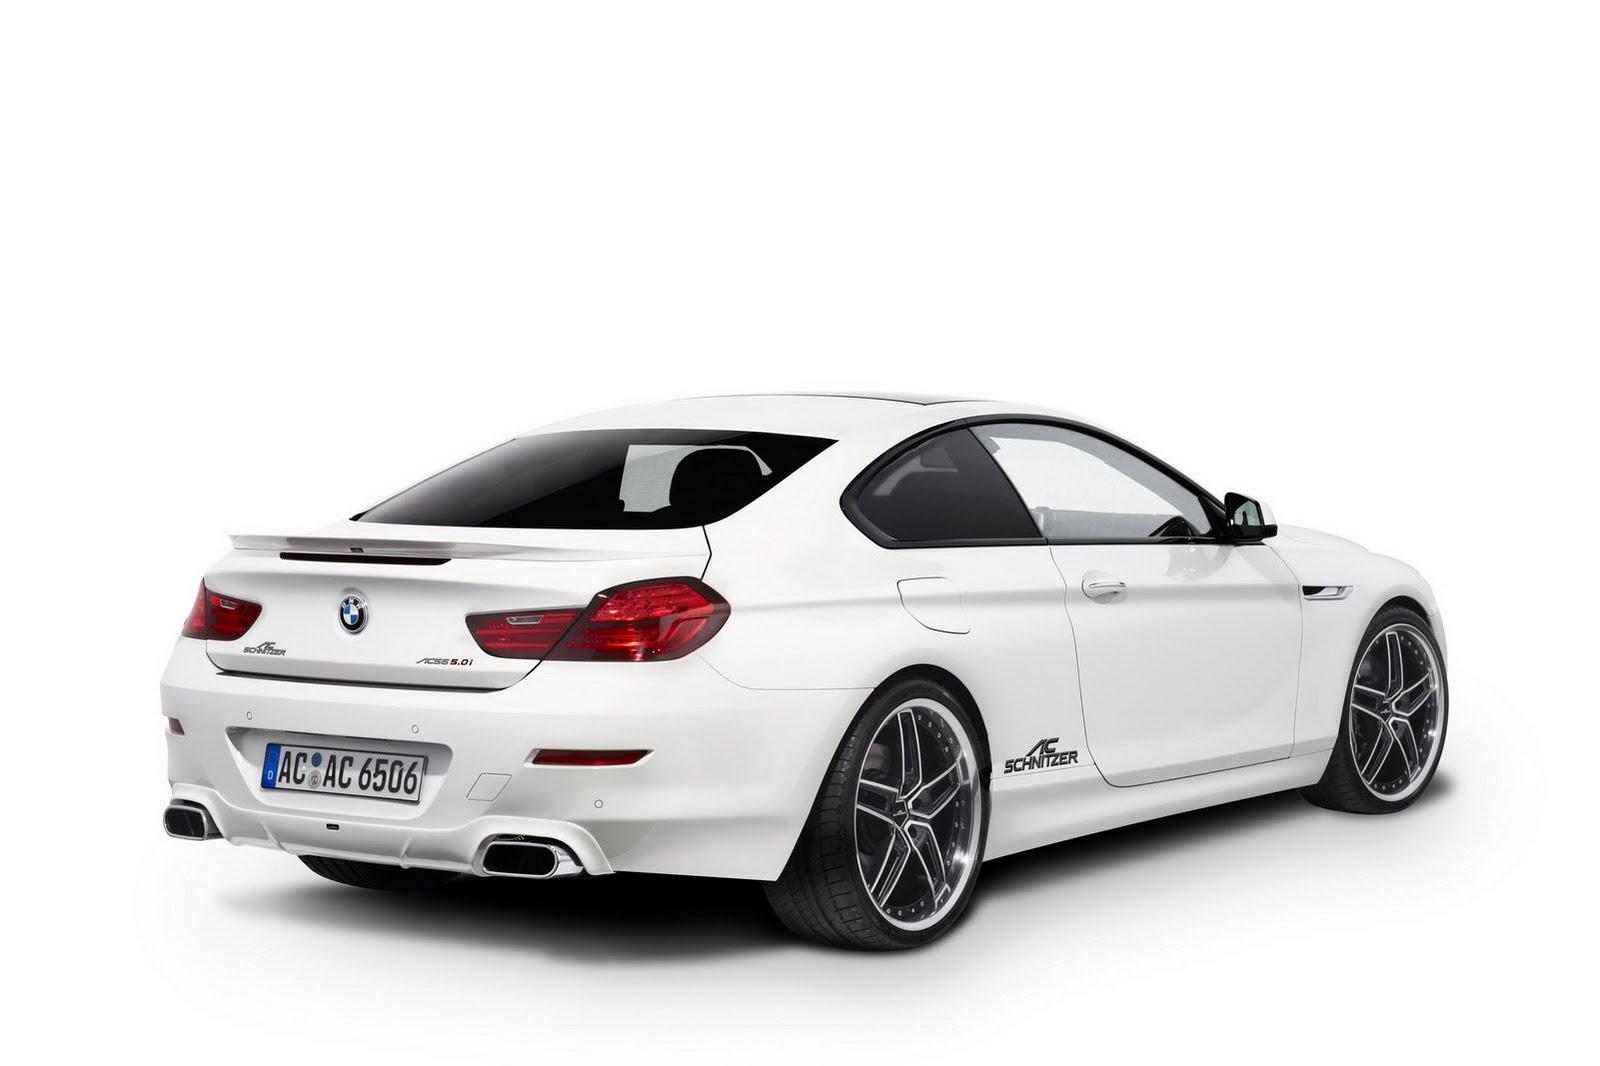 BMW I Cars - 650 bmw 2012